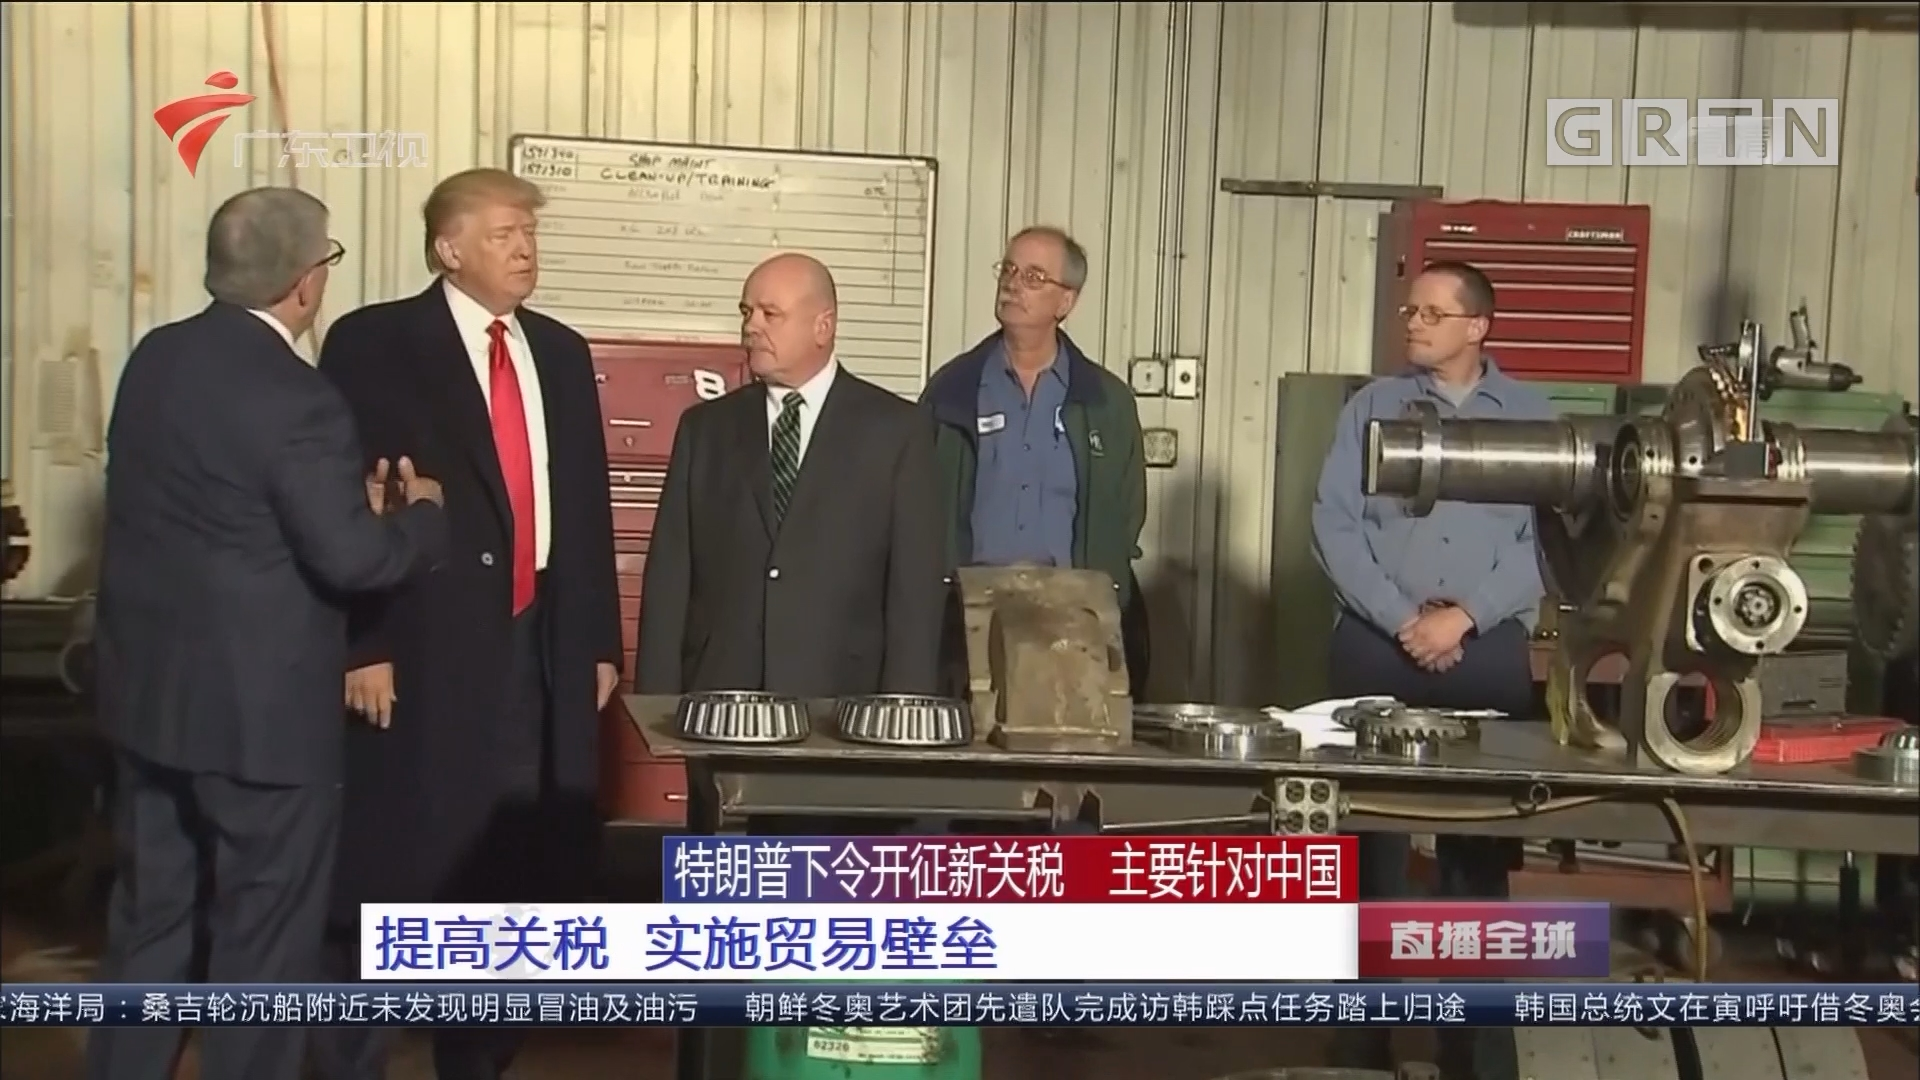 特朗普下令开征新关税 主要针对中国:提高关税 实施贸易壁垒